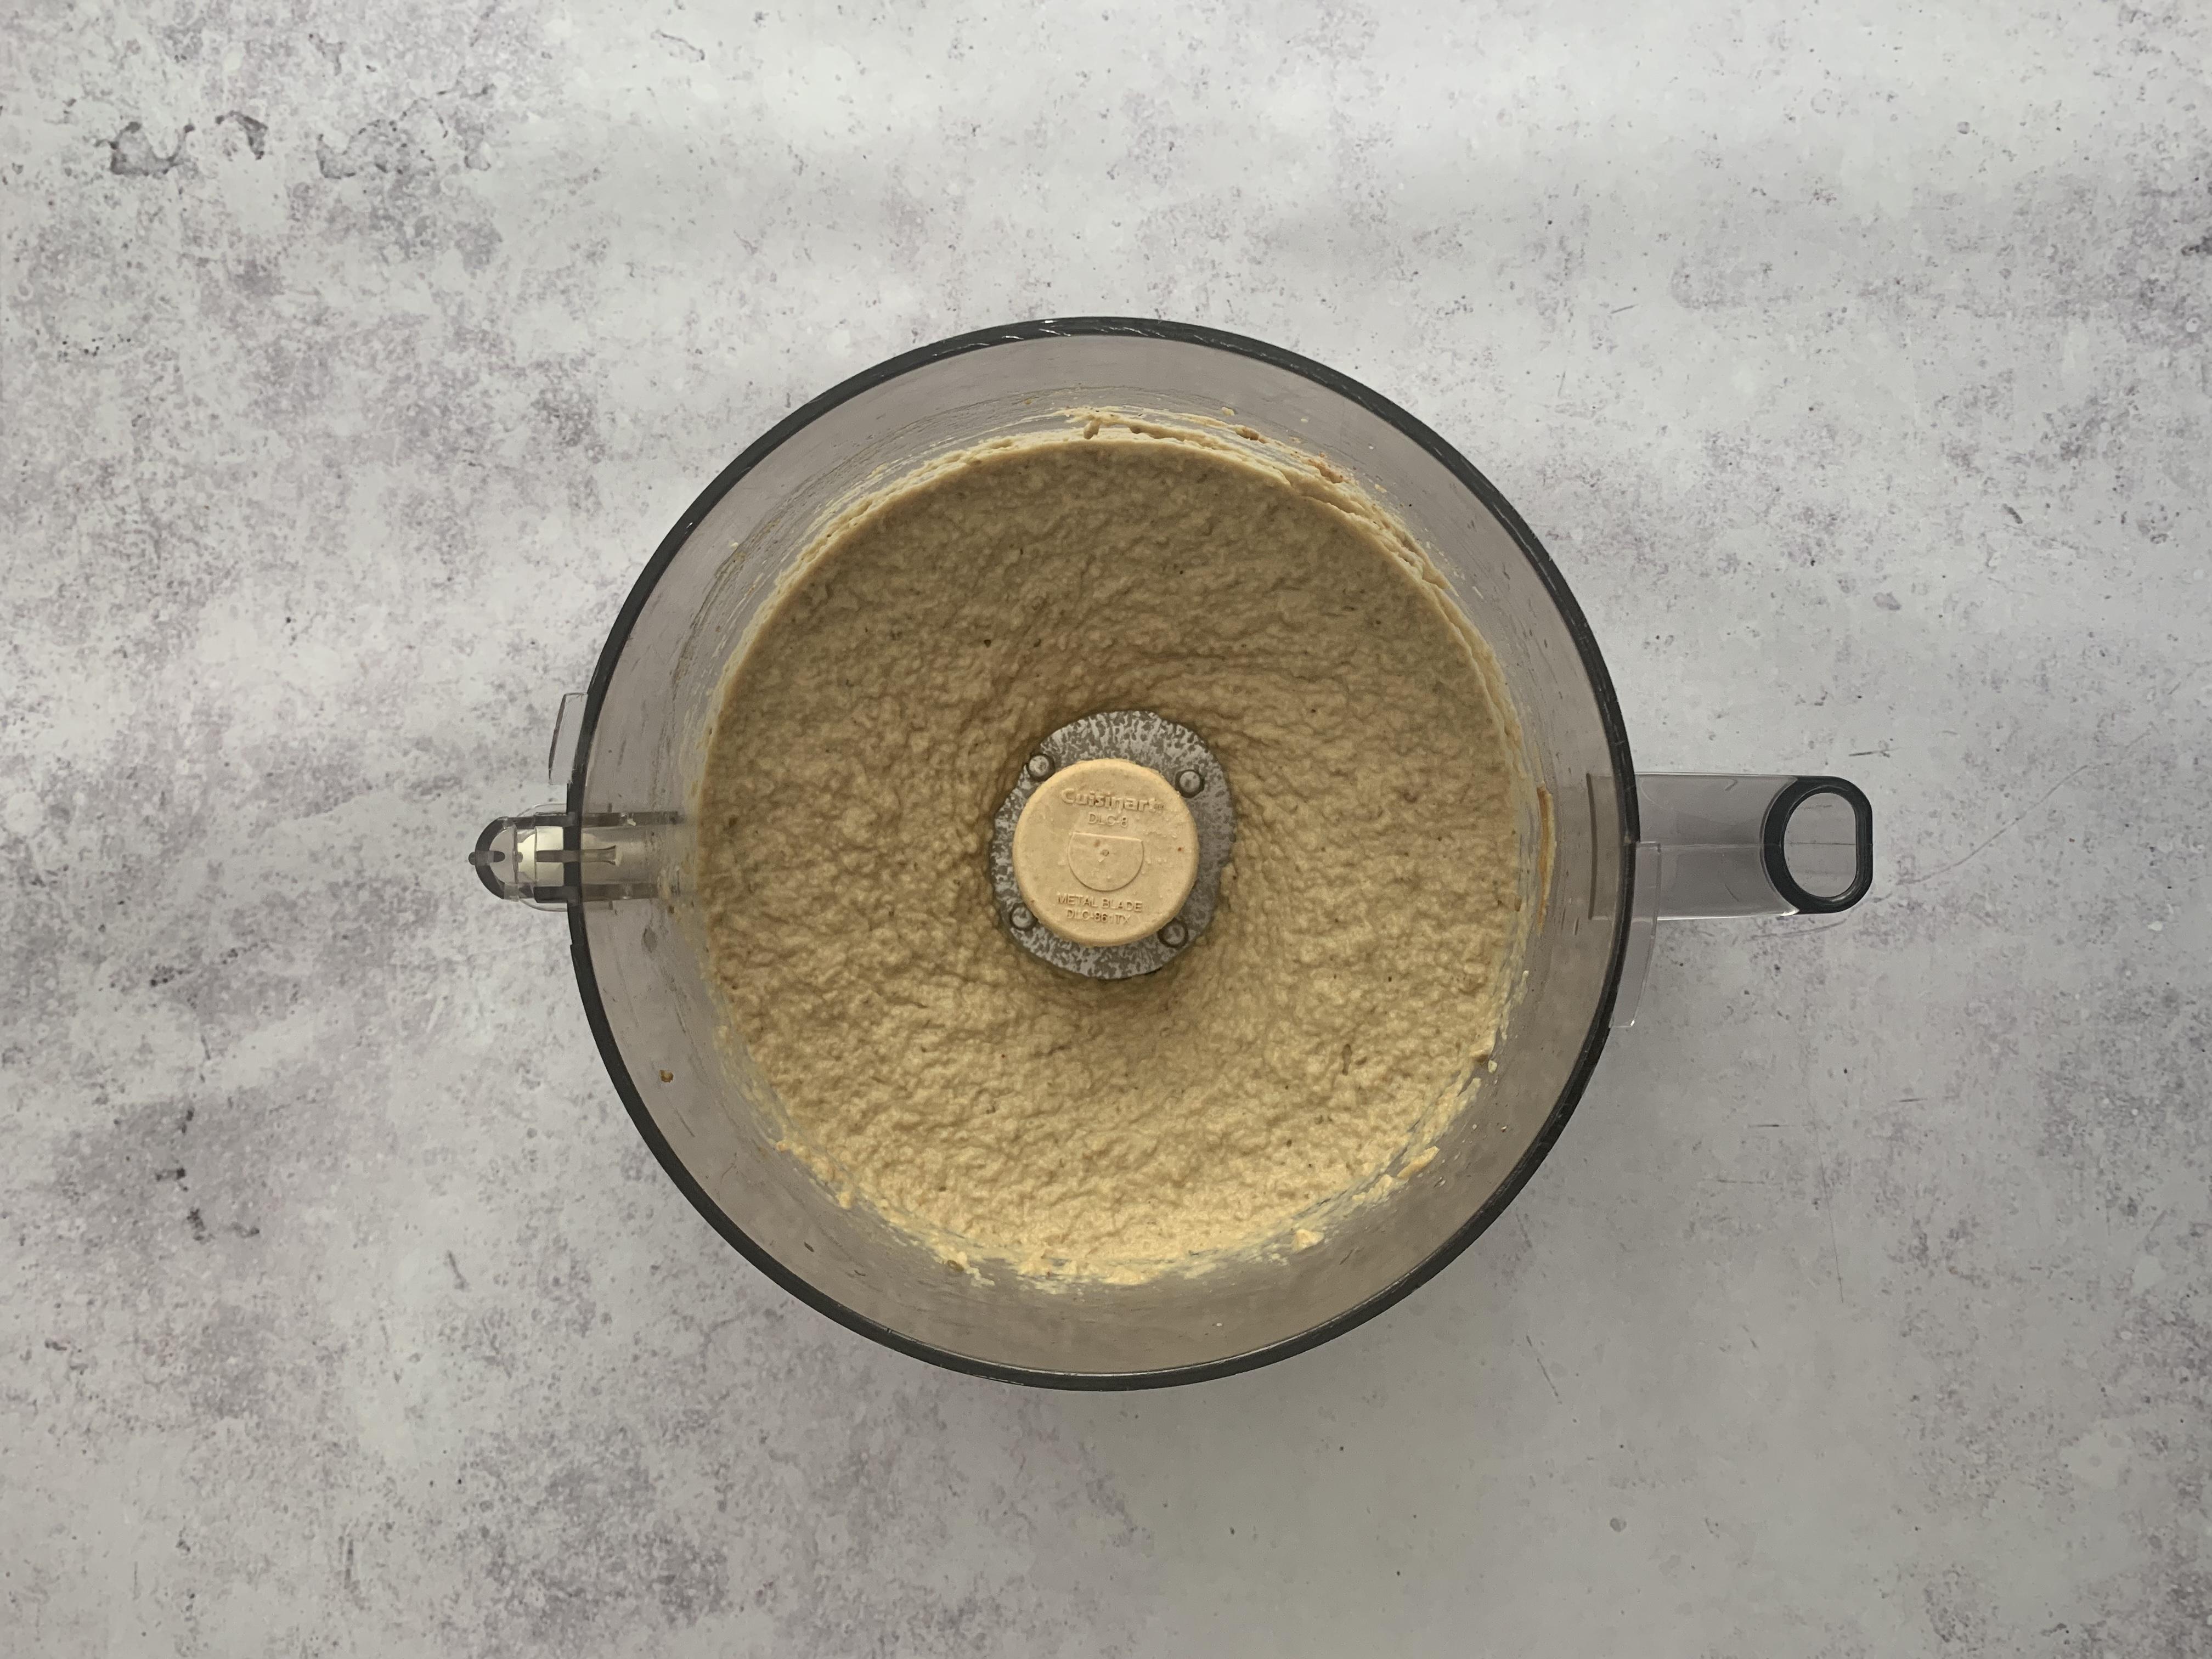 Baba Ganoush Hummus